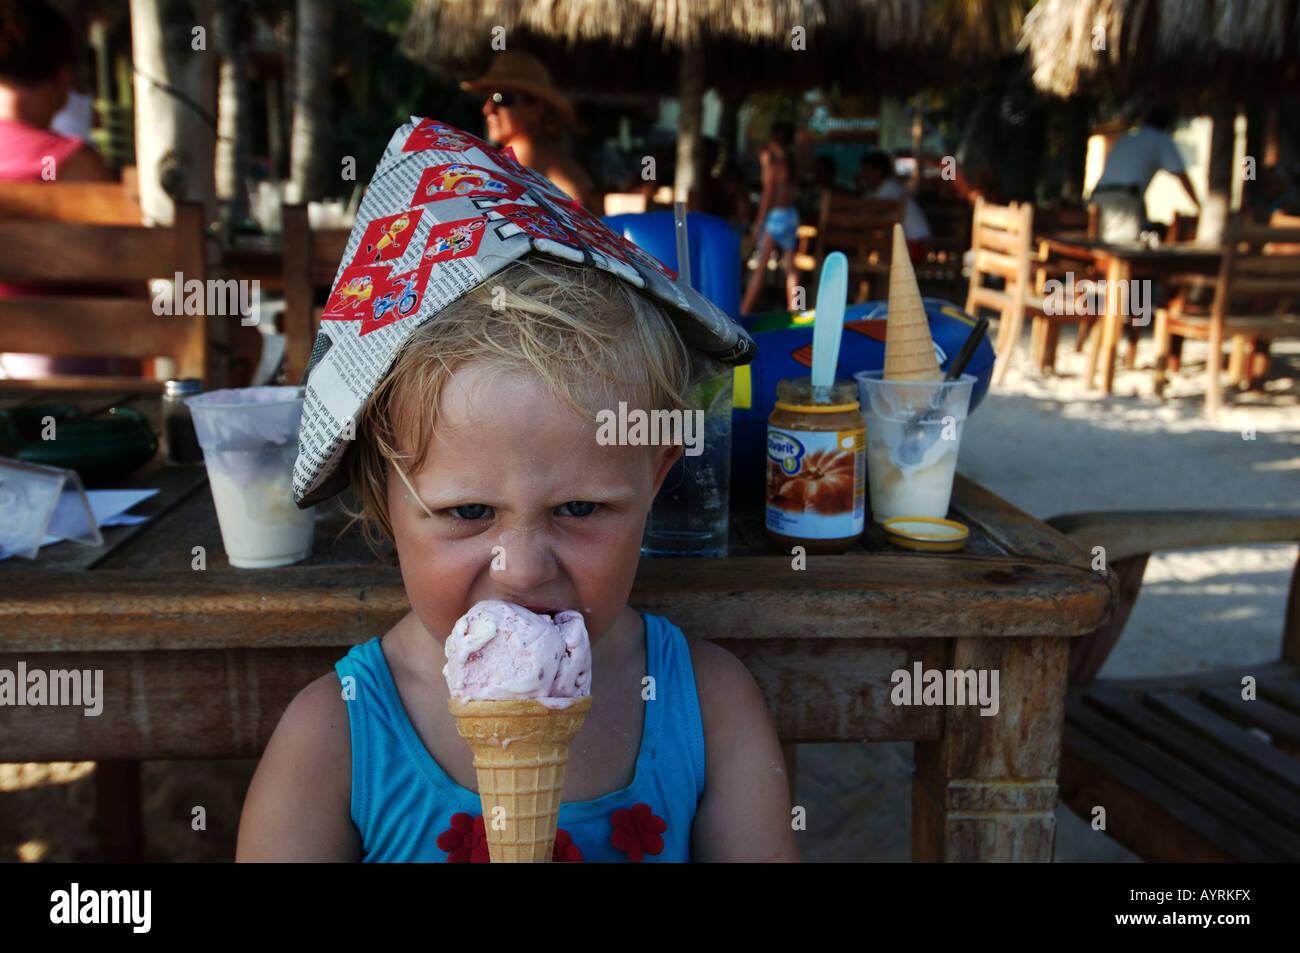 Trois ans, bénéficiant d'une icecream en vacances Banque D'Images